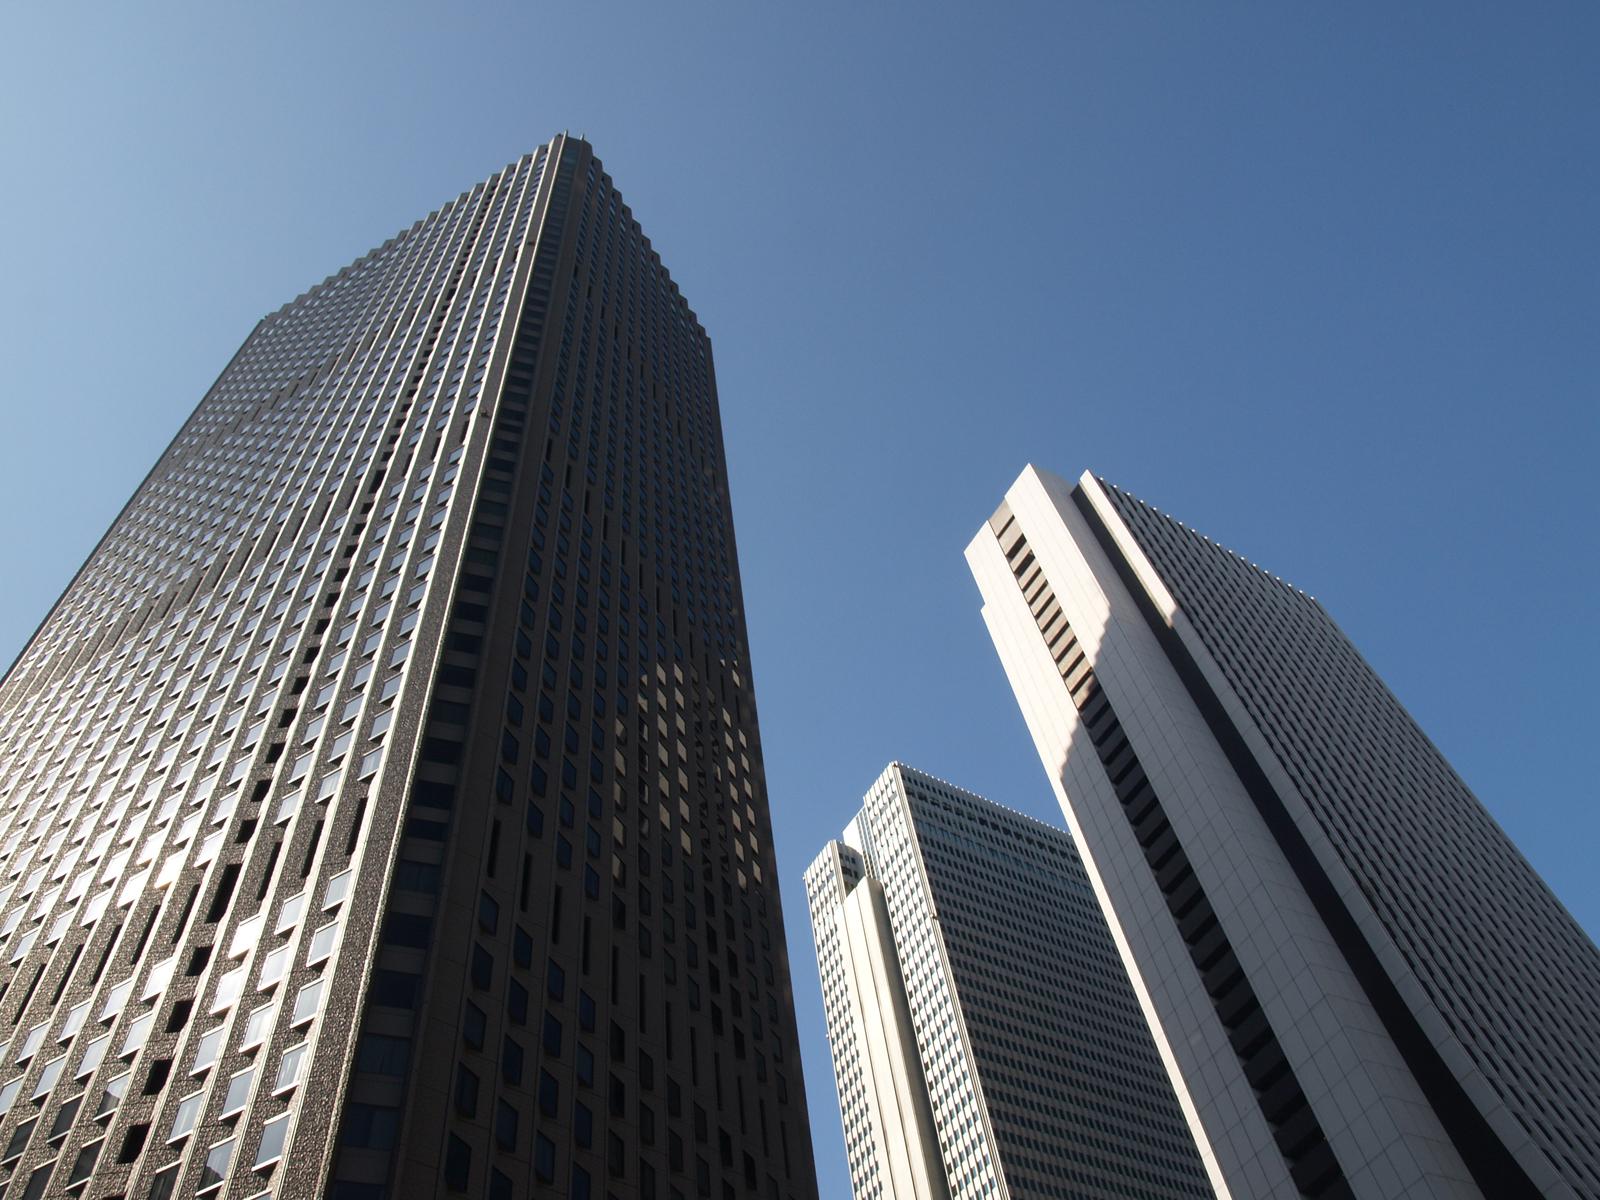 画像 : 【東京、大阪沿岸部は注意】南海トラフ地震で超高層ビルが壊れる